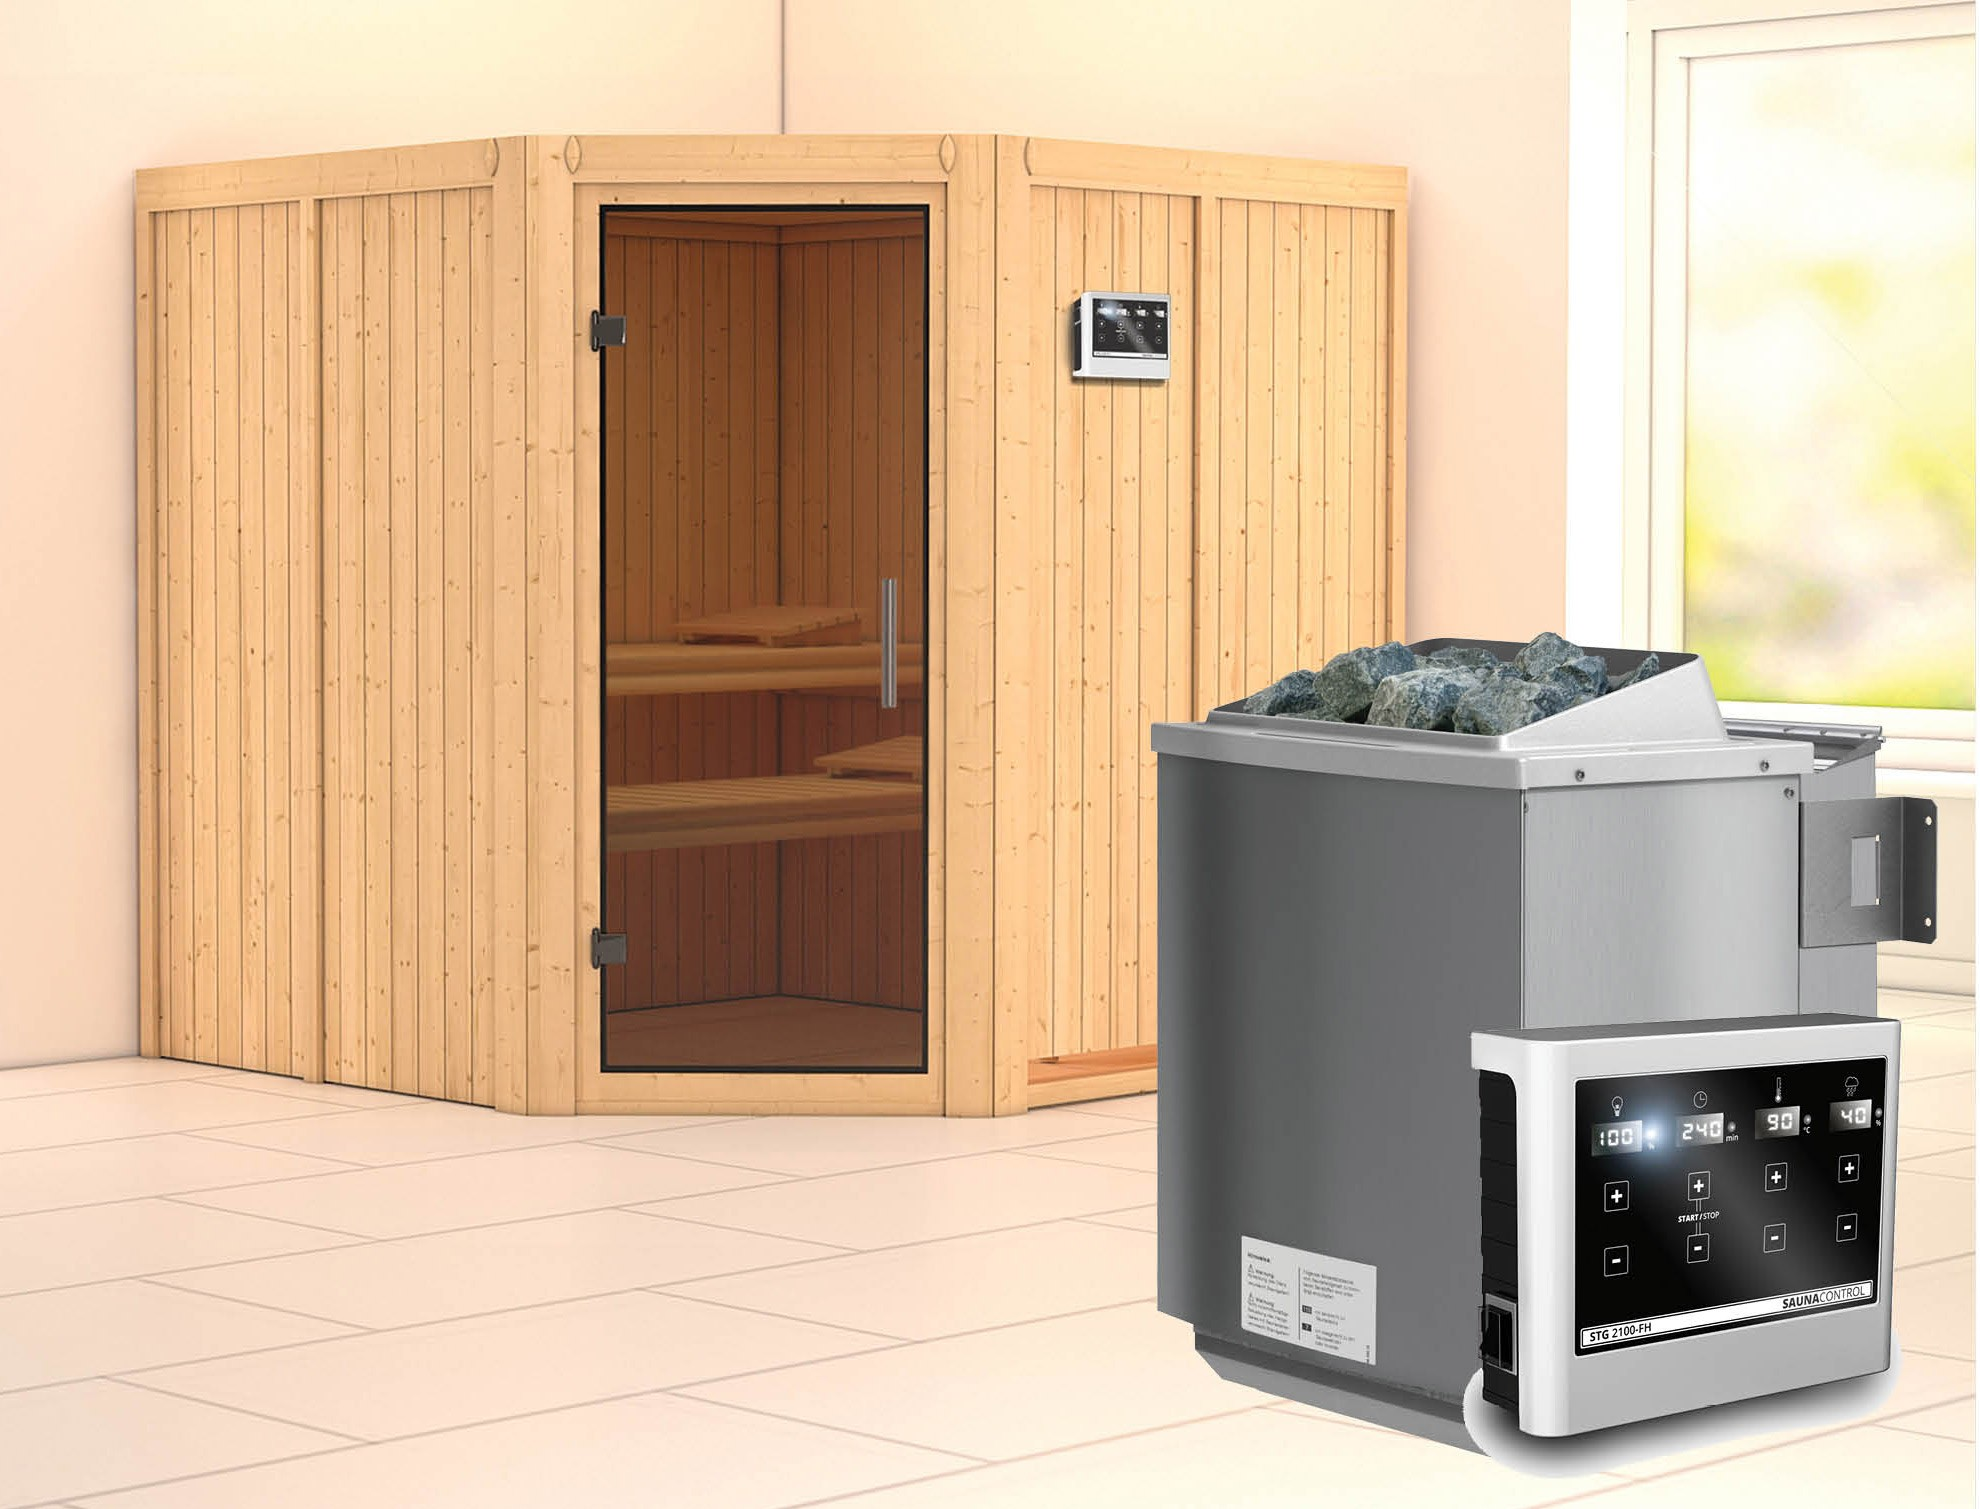 Karibu Sauna Jarin 68mm mit Bio Ofen 9kW extern moderne Tür Bild 1